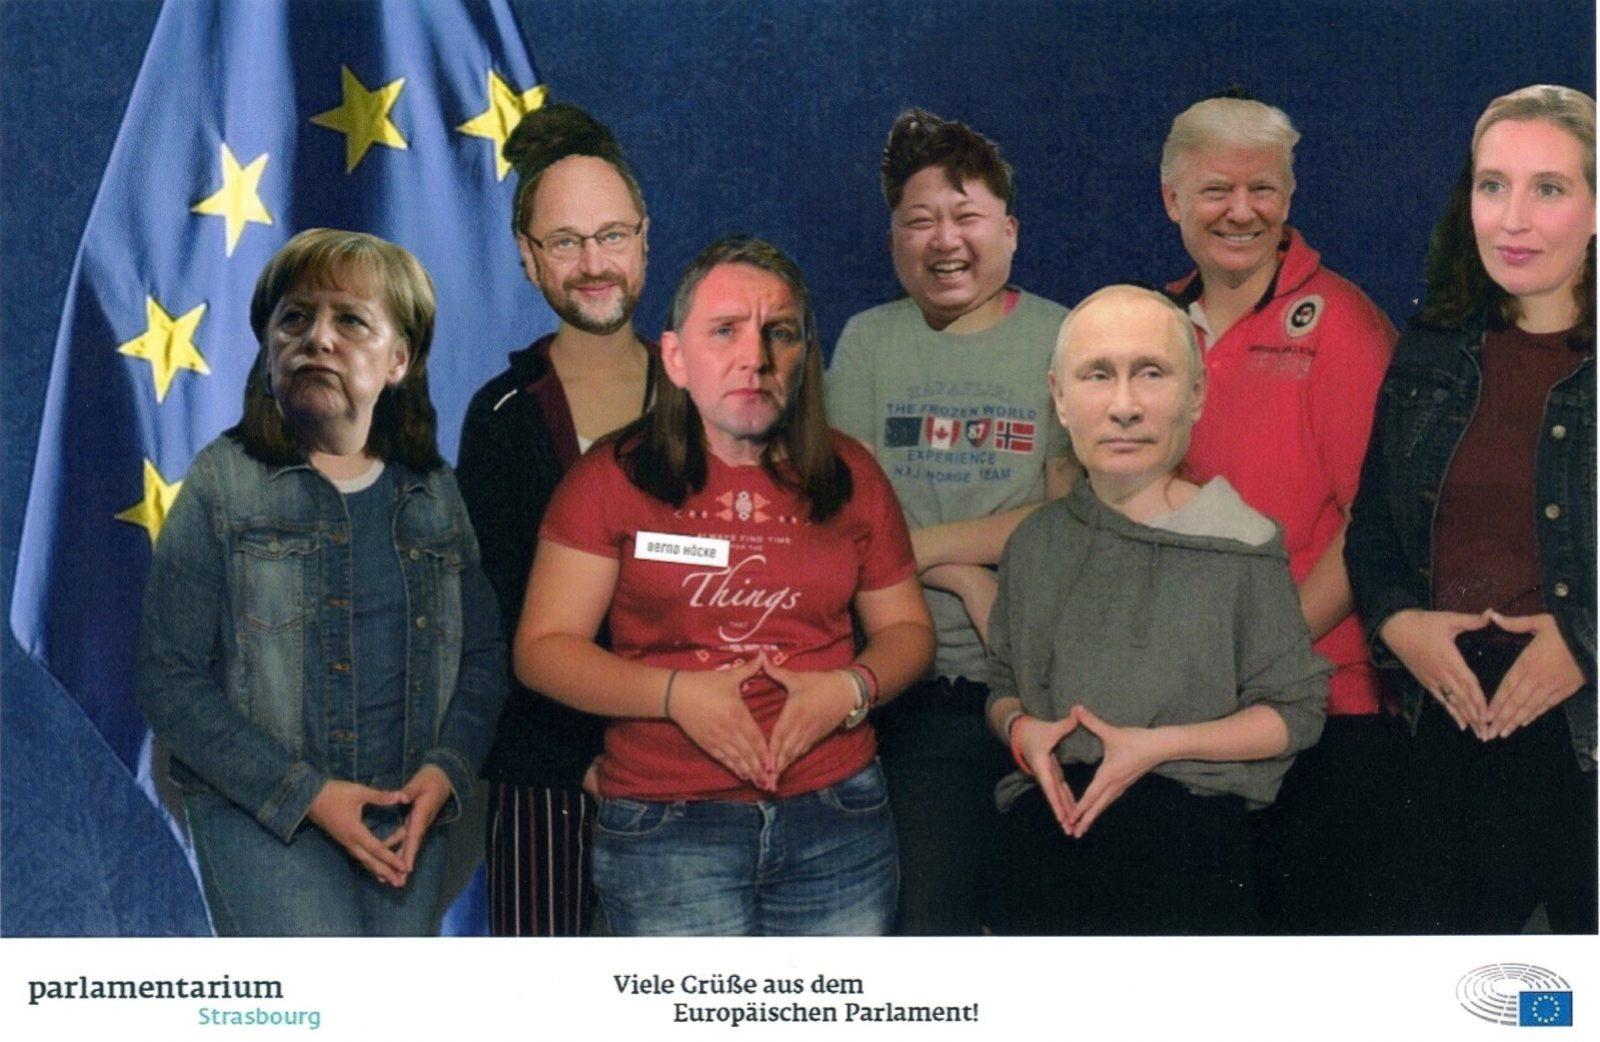 EuropaParlament_2018_10a1600